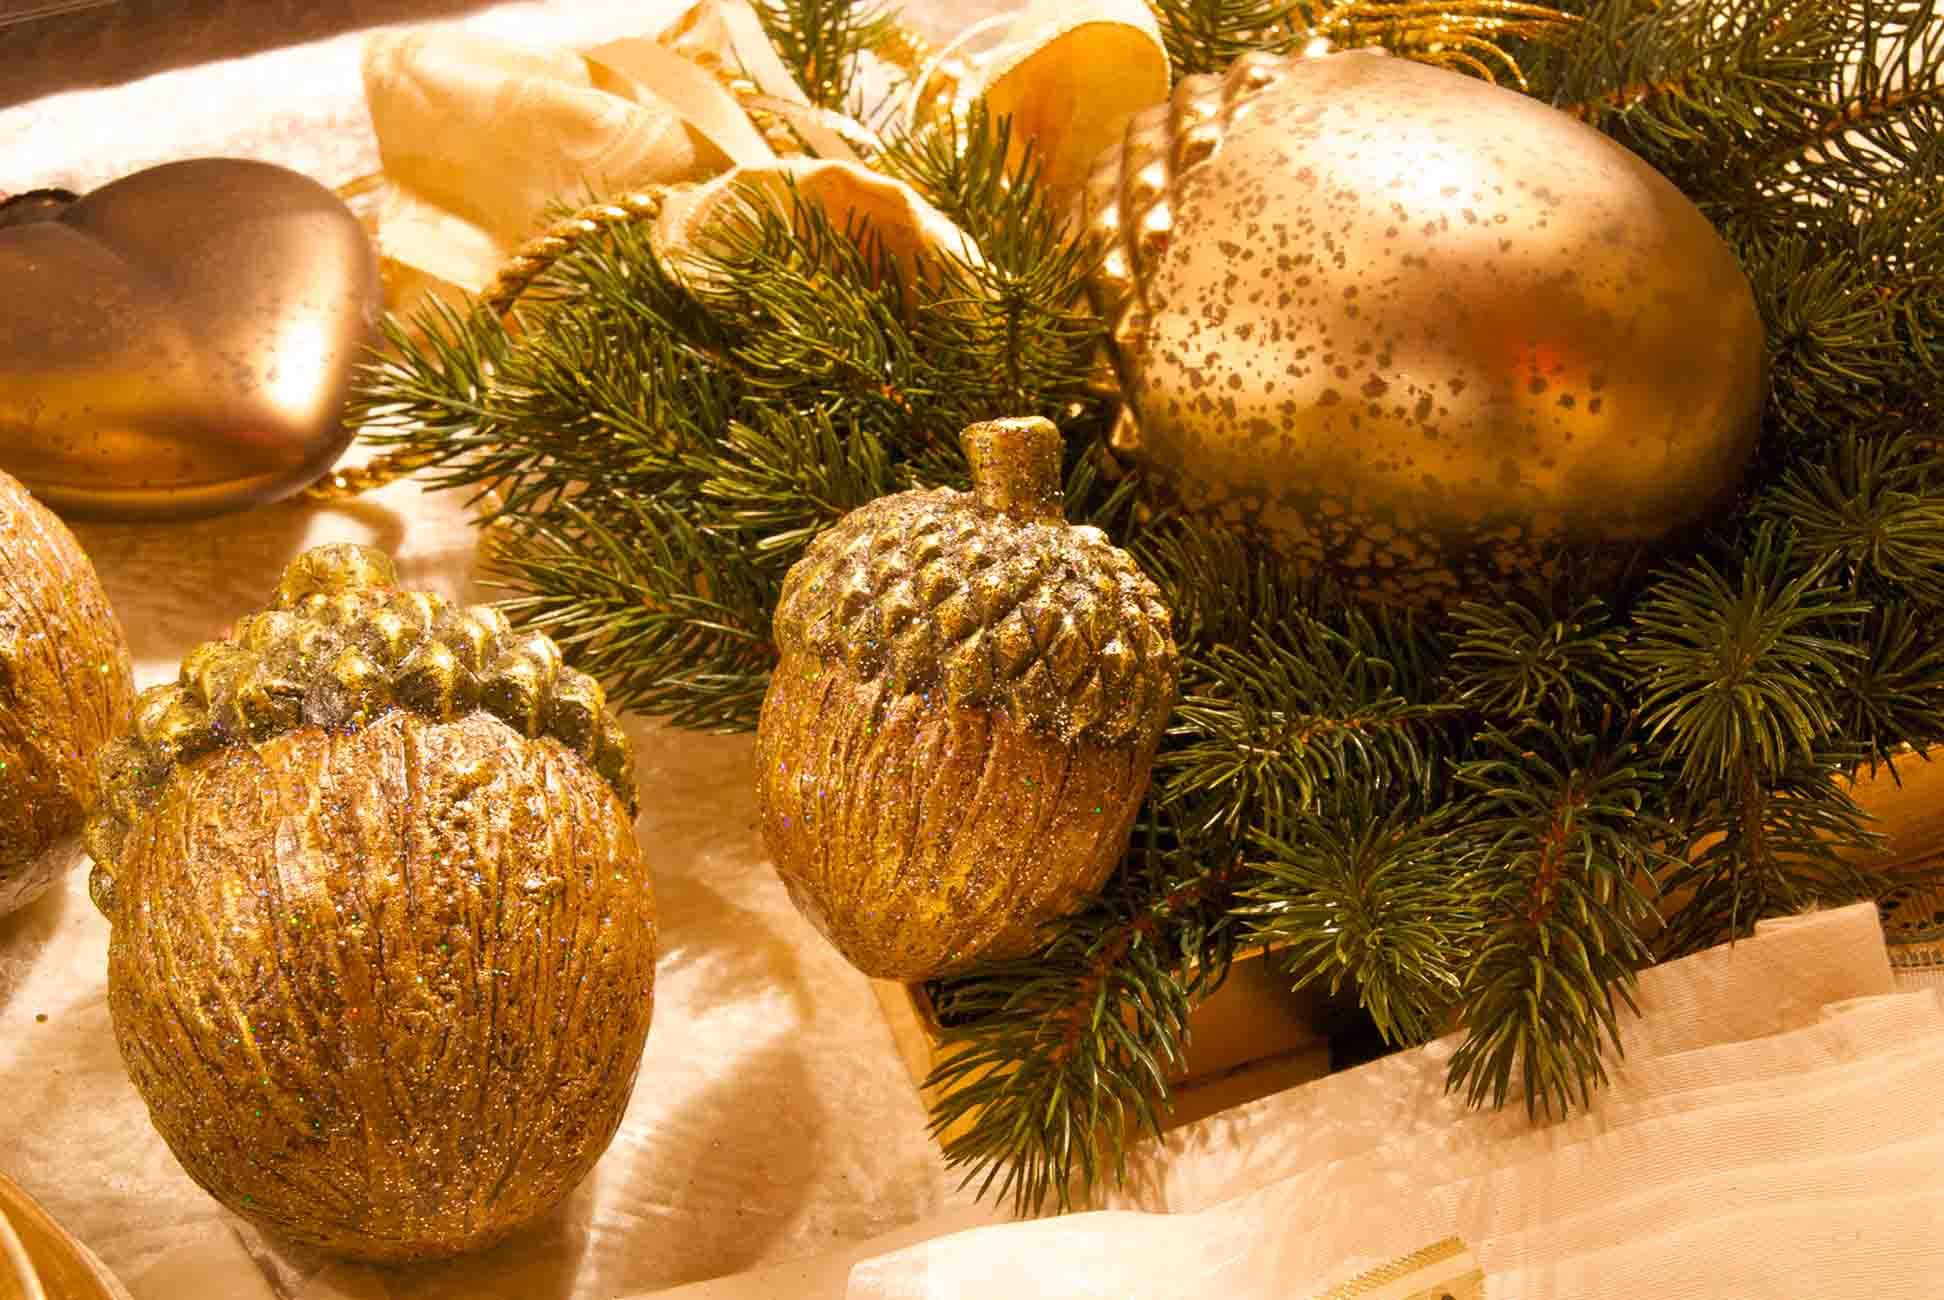 Pronstorfer Weihnacht Dekoration ©Sonja Bannick